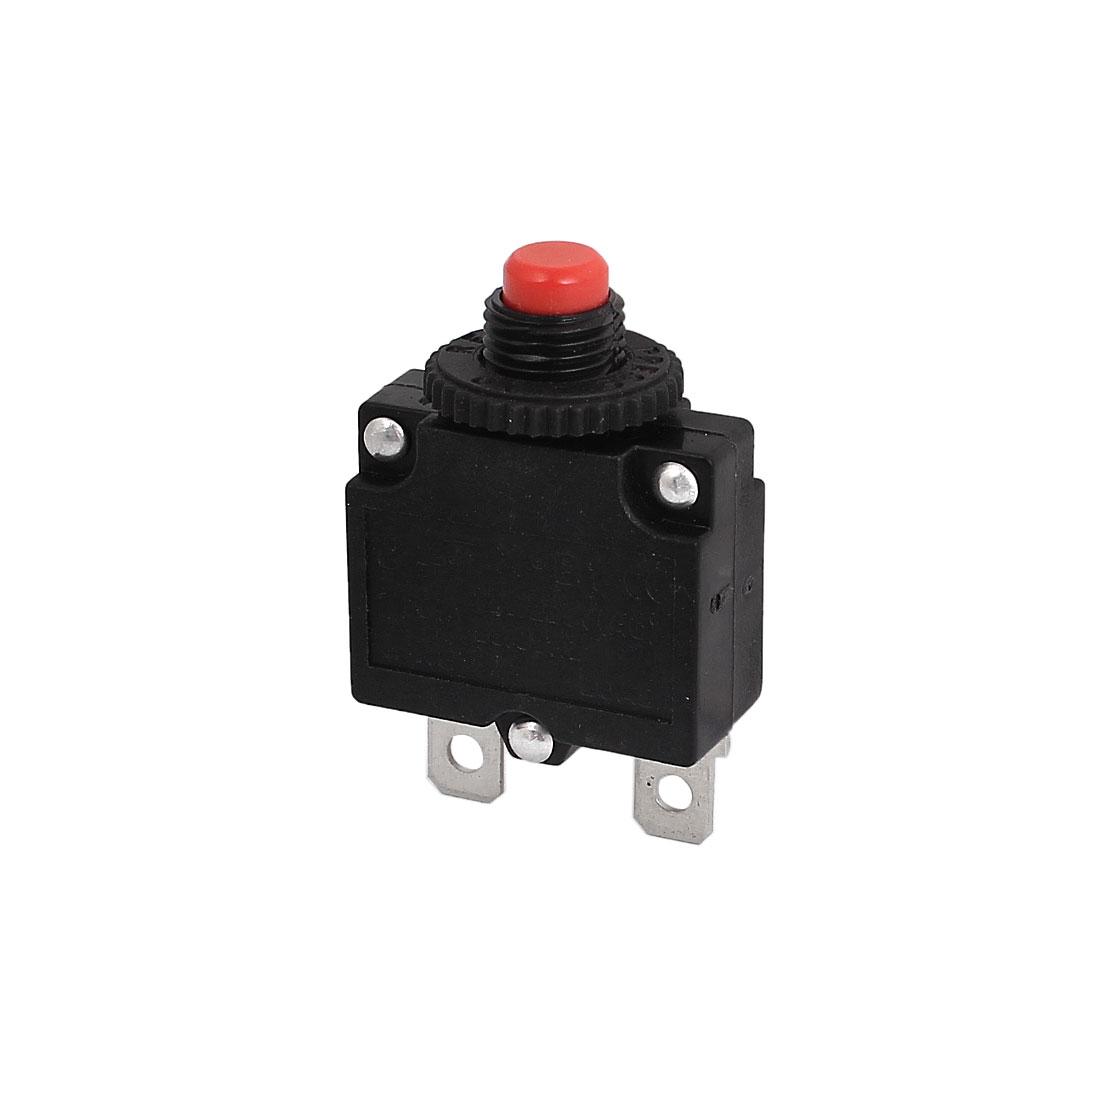 Air Compressor 10mm Thread 2P Circuit Breaker Overload Protector AC125/250V 10A